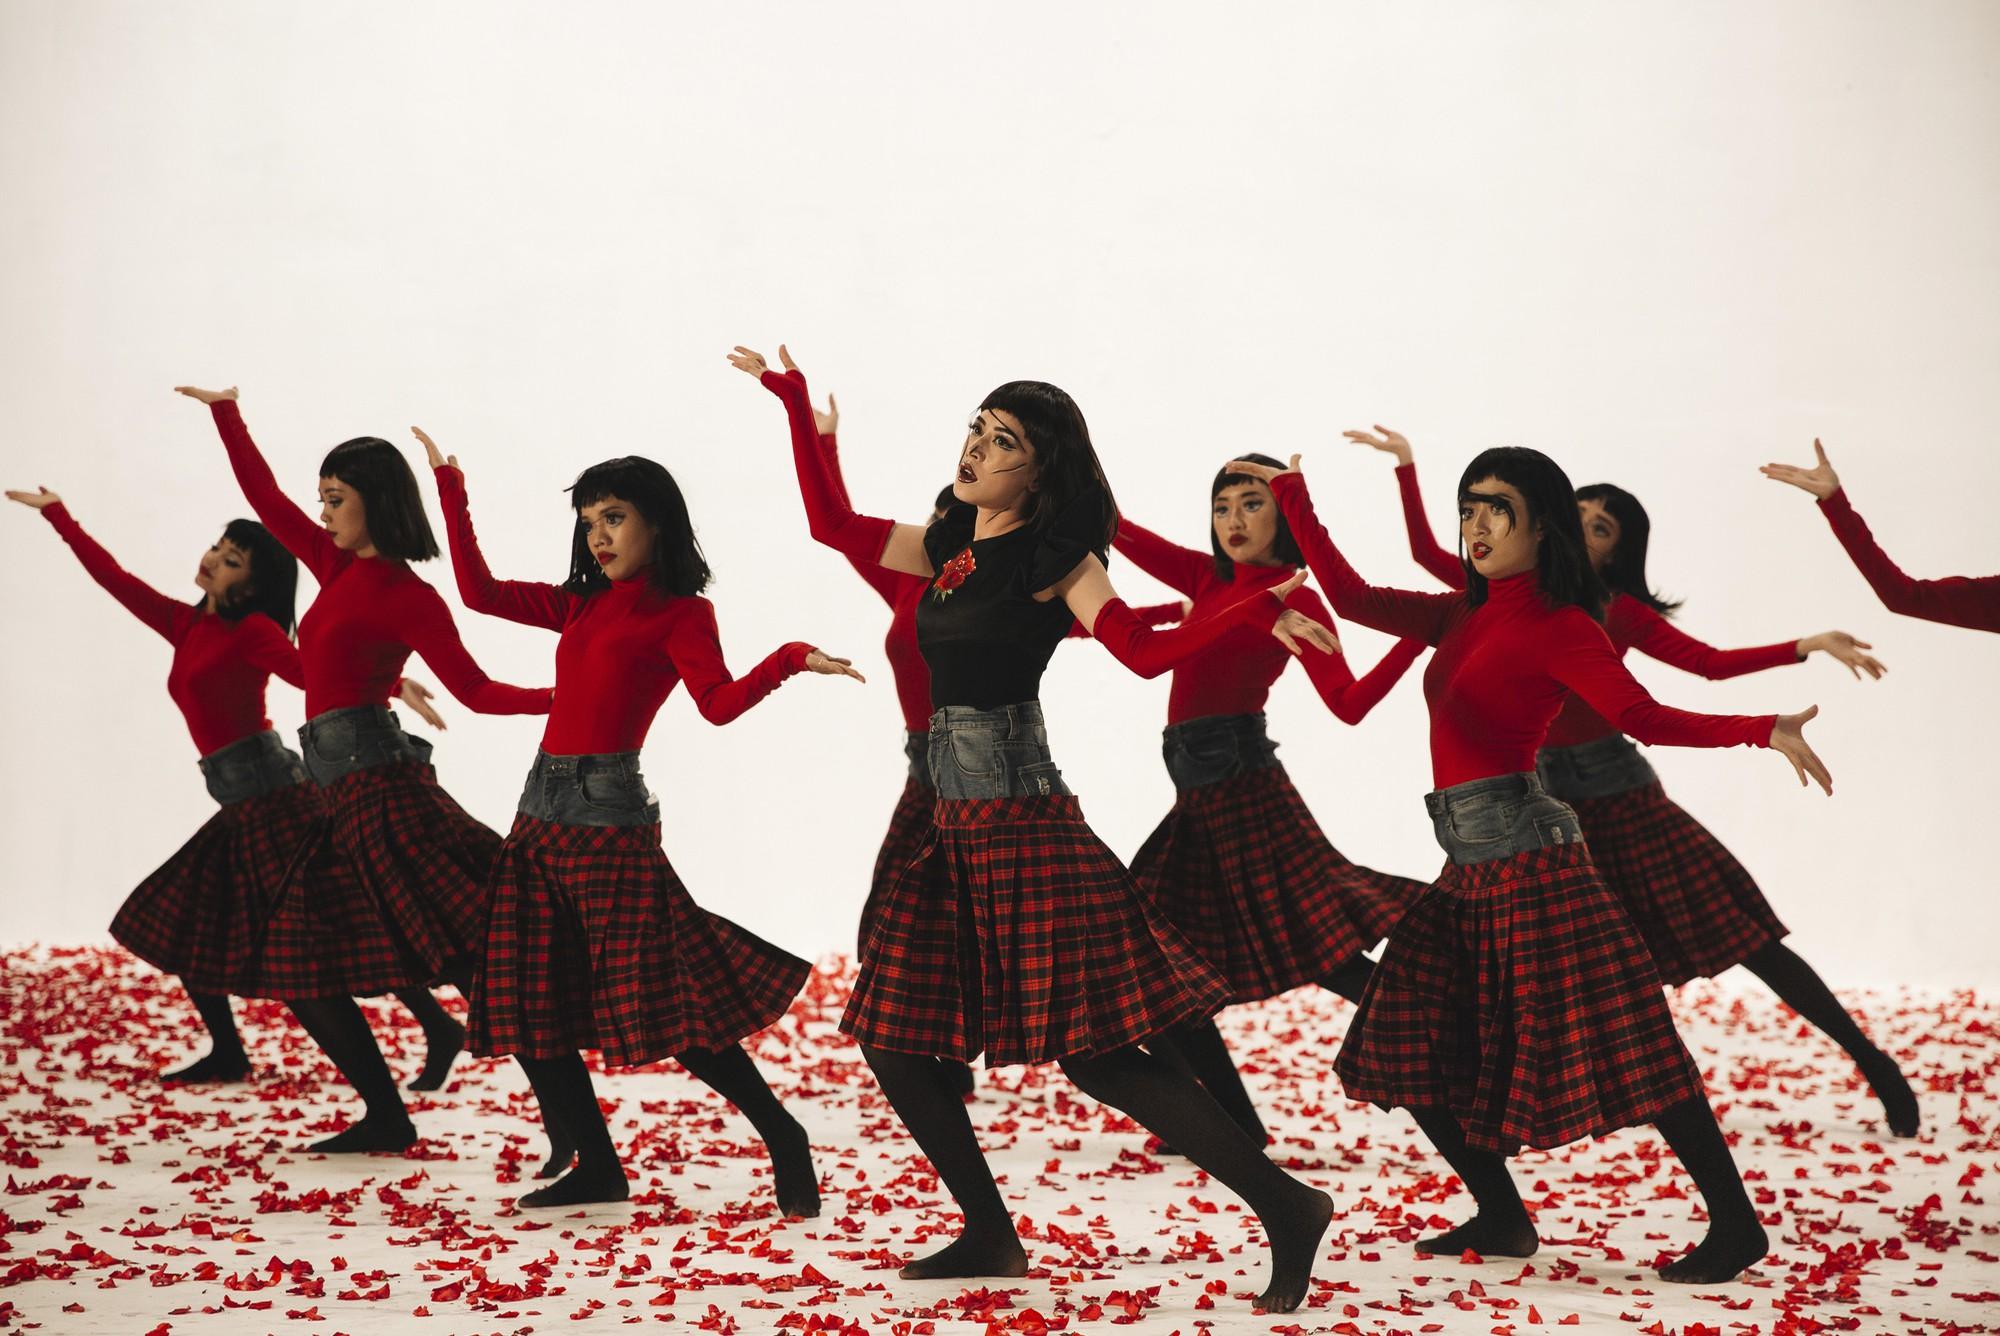 Chi Pu tung MV Dance lạ mắt với vũ đạo độc đáo, thực hiện 2 phiên bản cho sản phẩm trở lại - Ảnh 5.